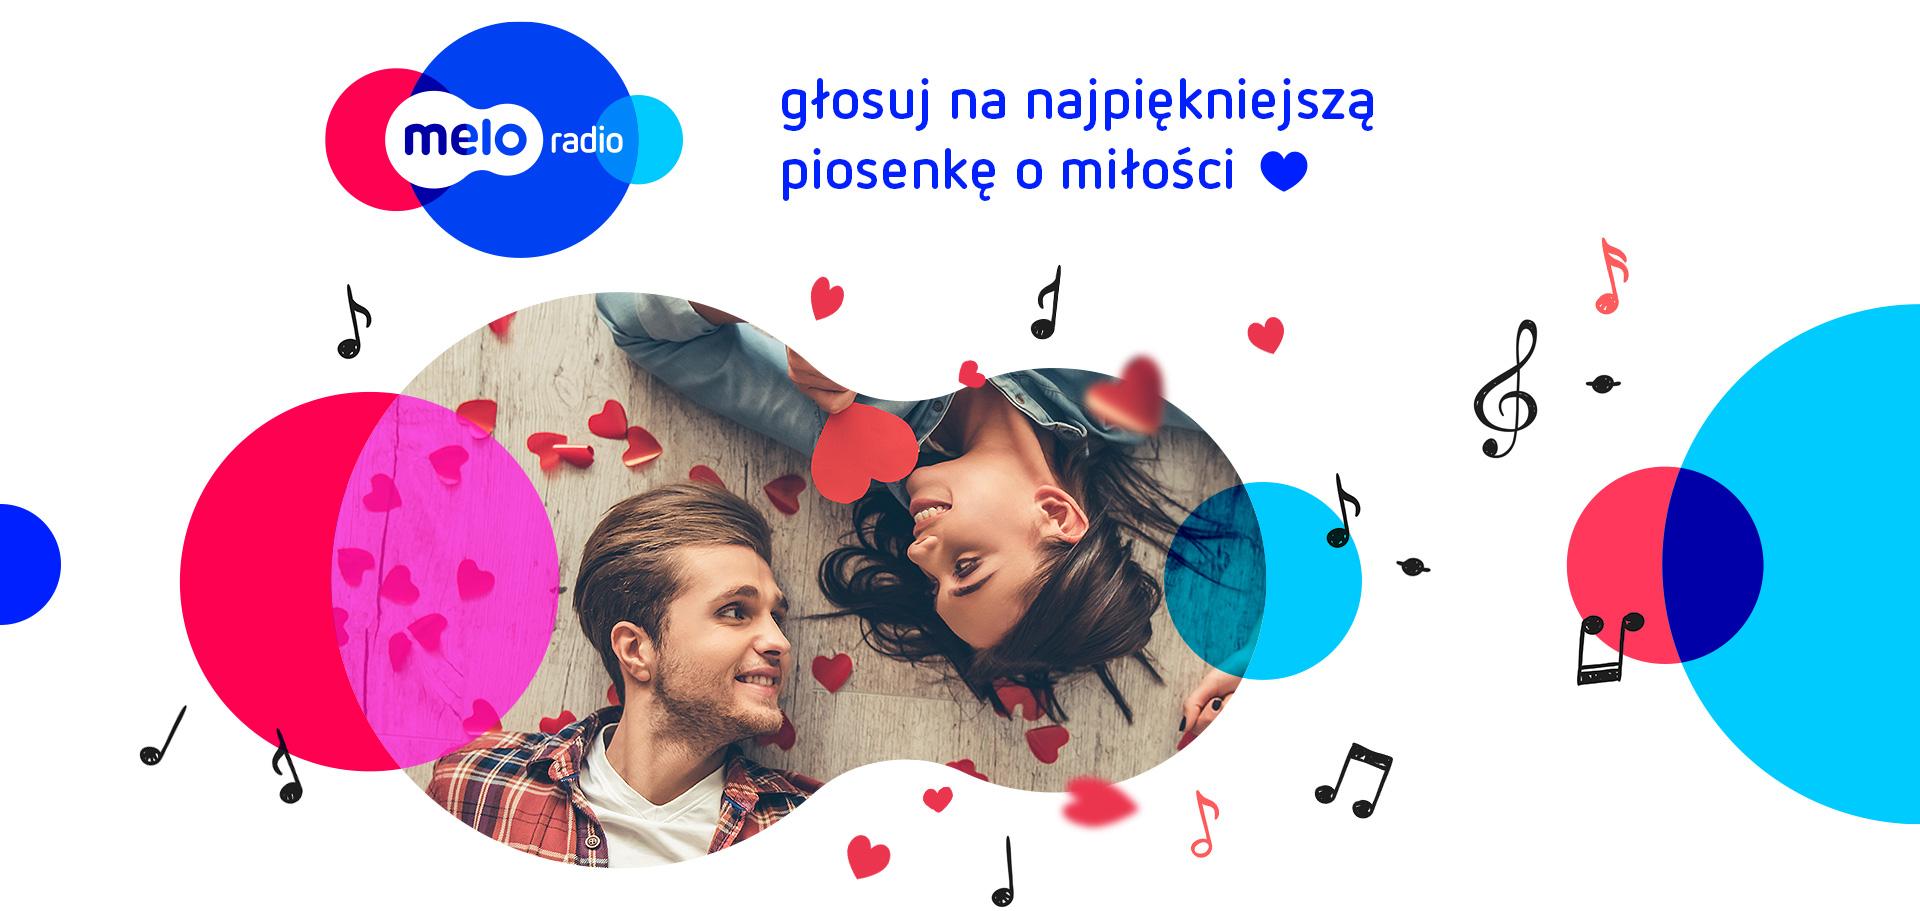 Najpiękniejsza piosenka o miłości [WYNIKI GŁOSOWANIA]